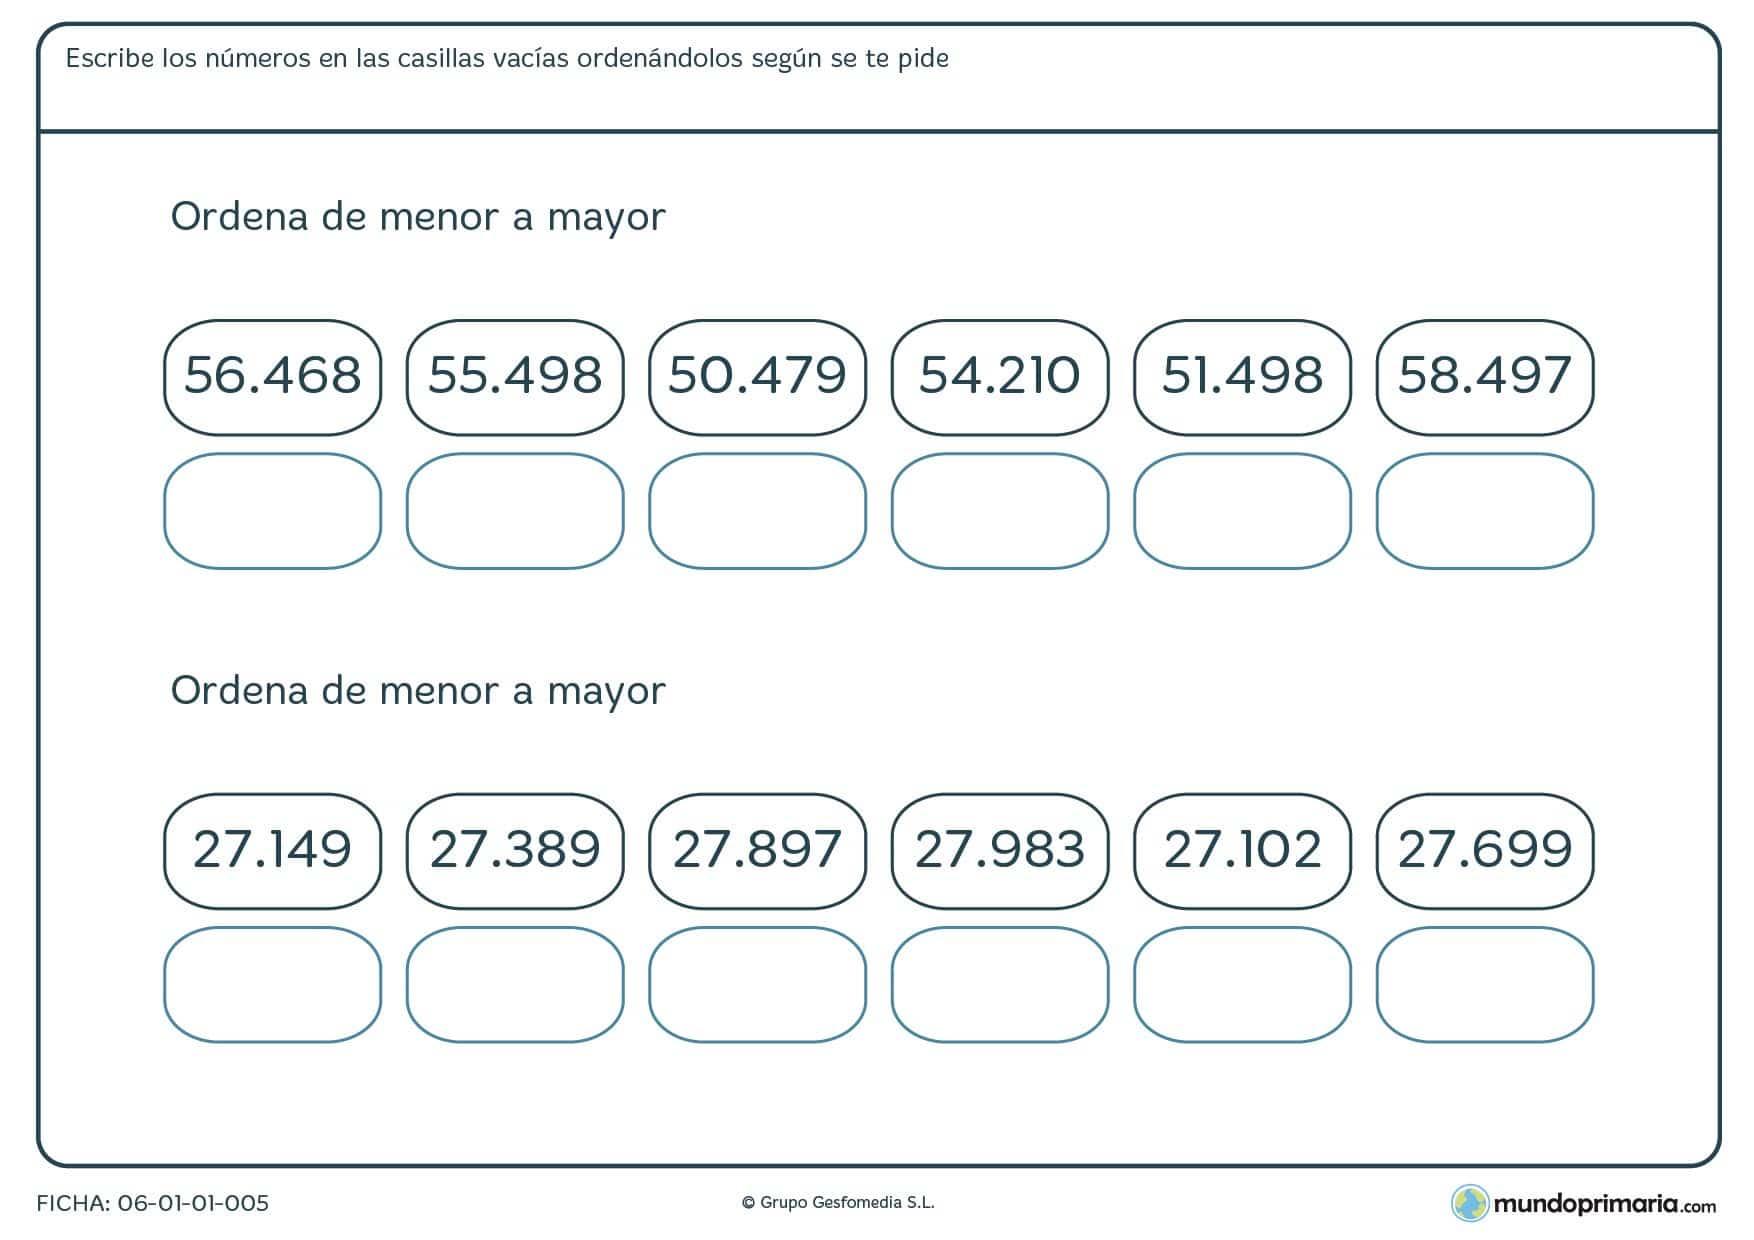 Ficha de colocar de menor a mayor los siguientes números de 5 cifras.